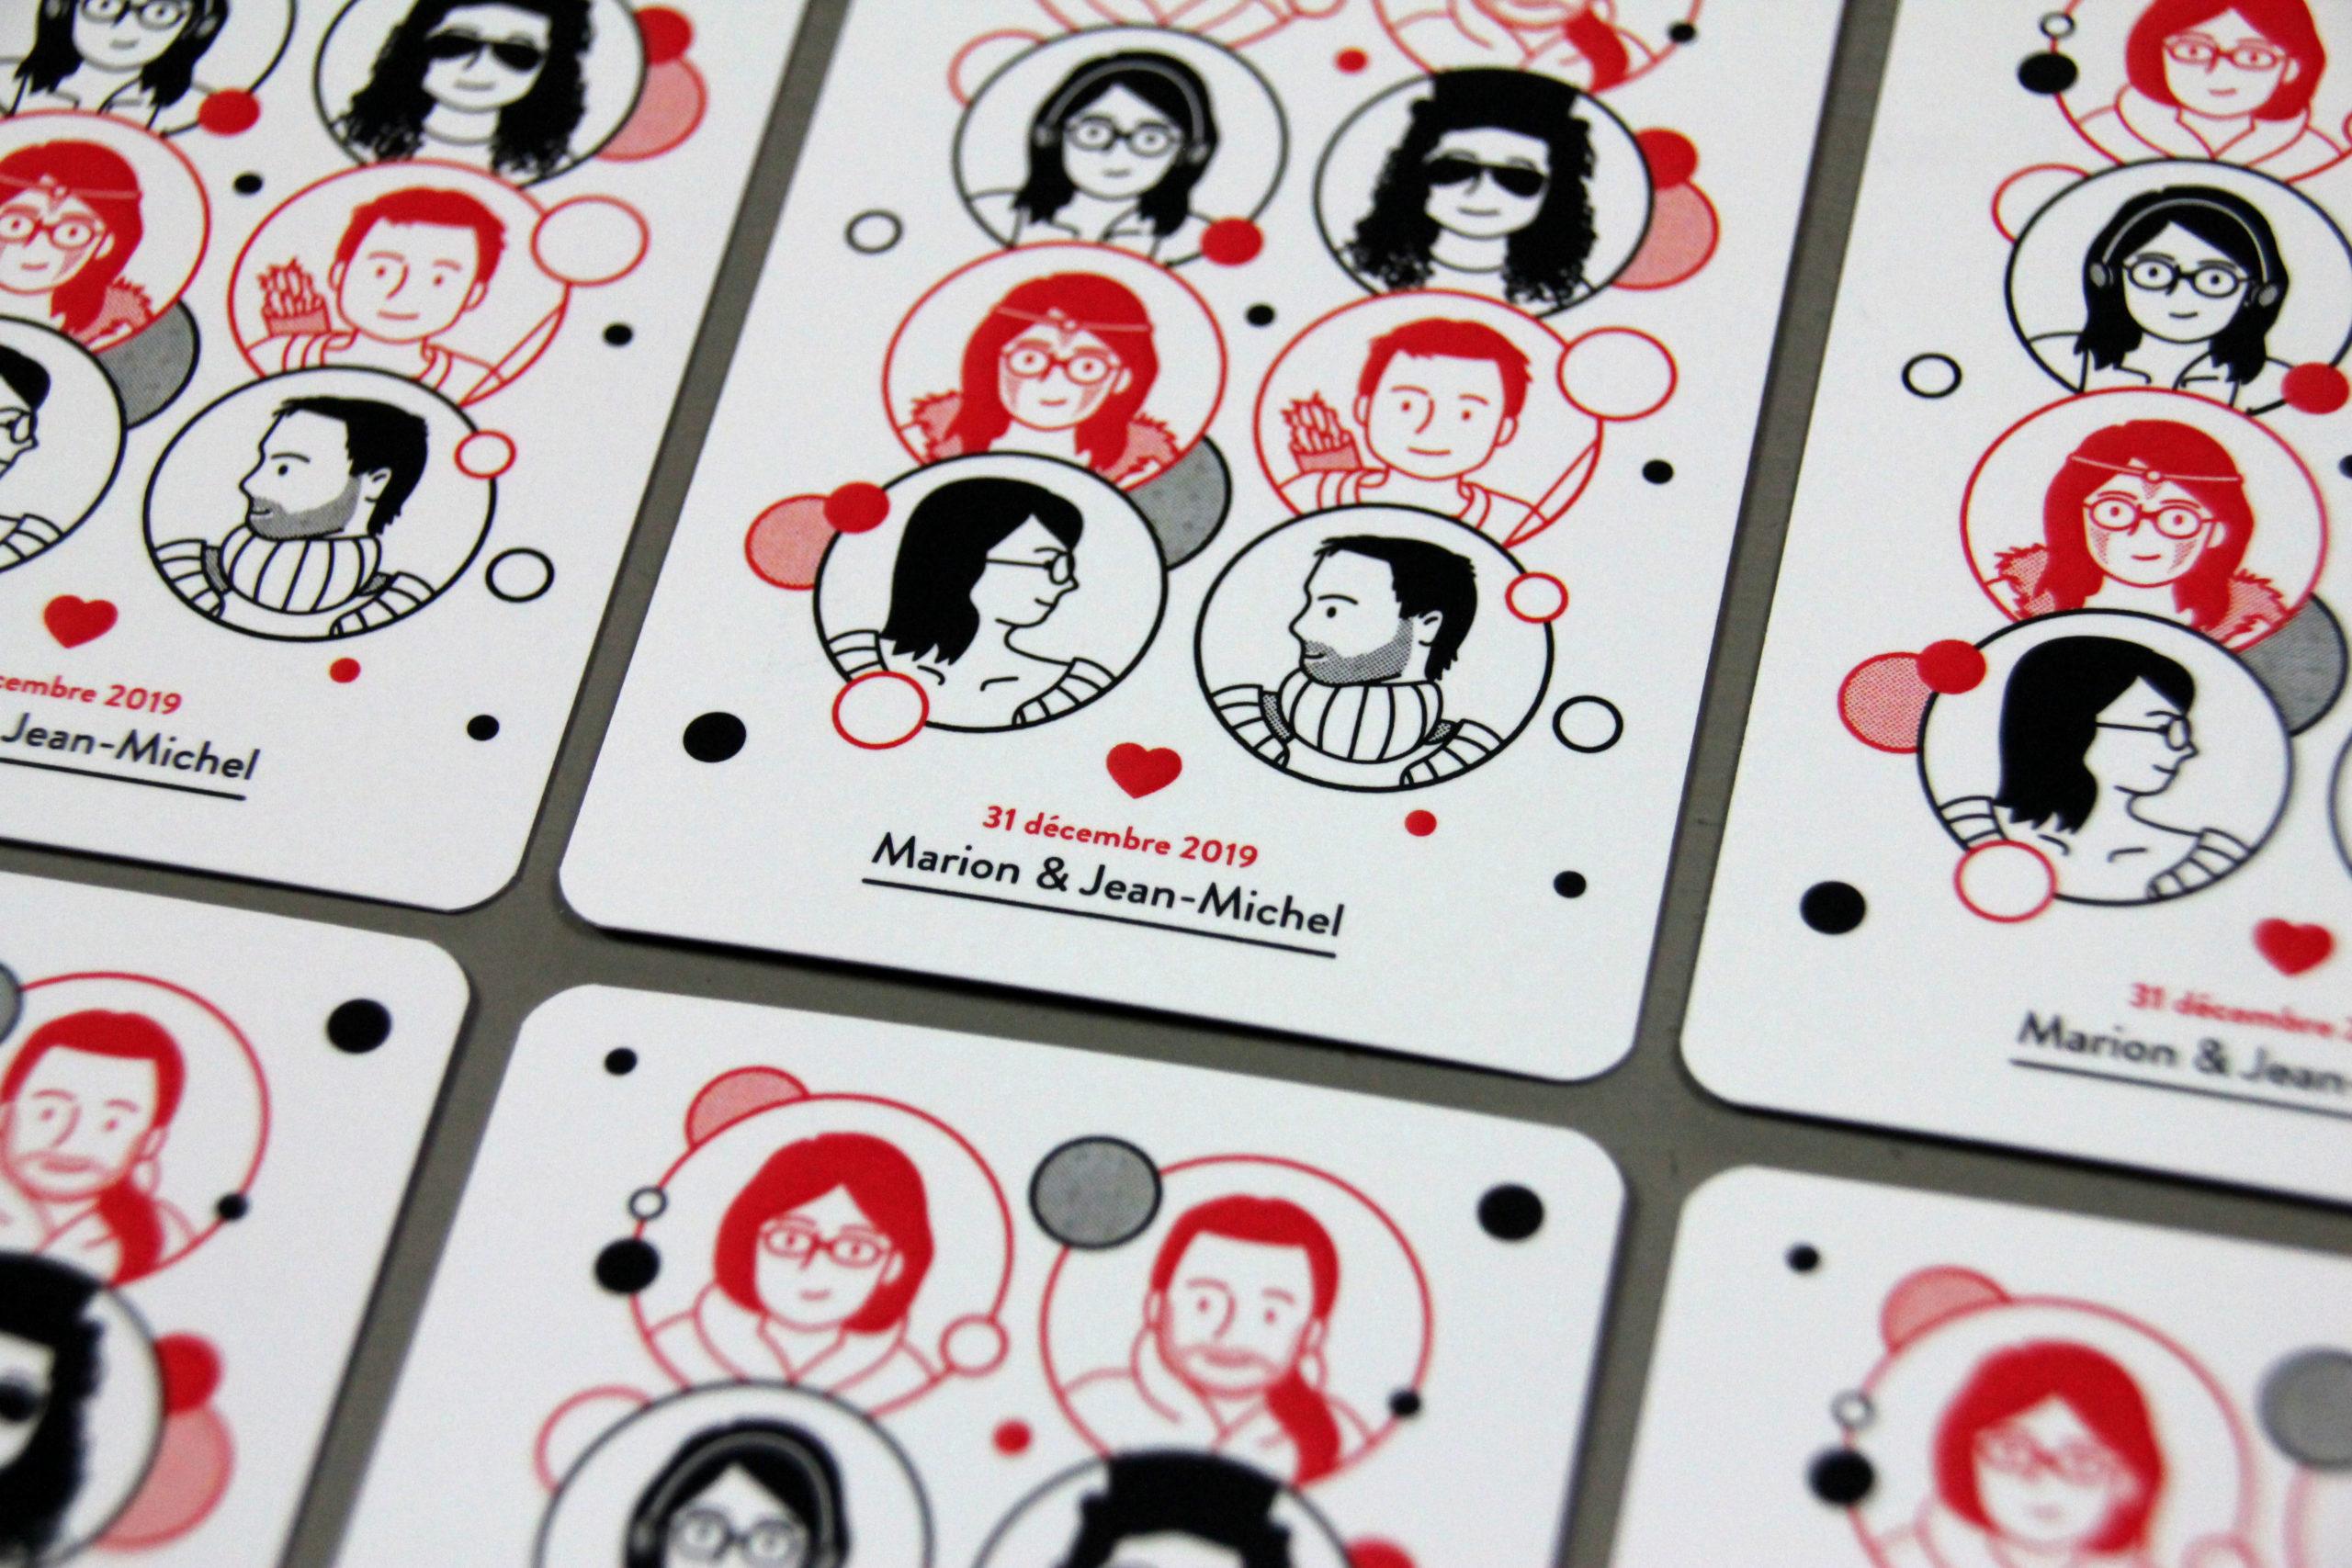 Jeu de cartes à jouer